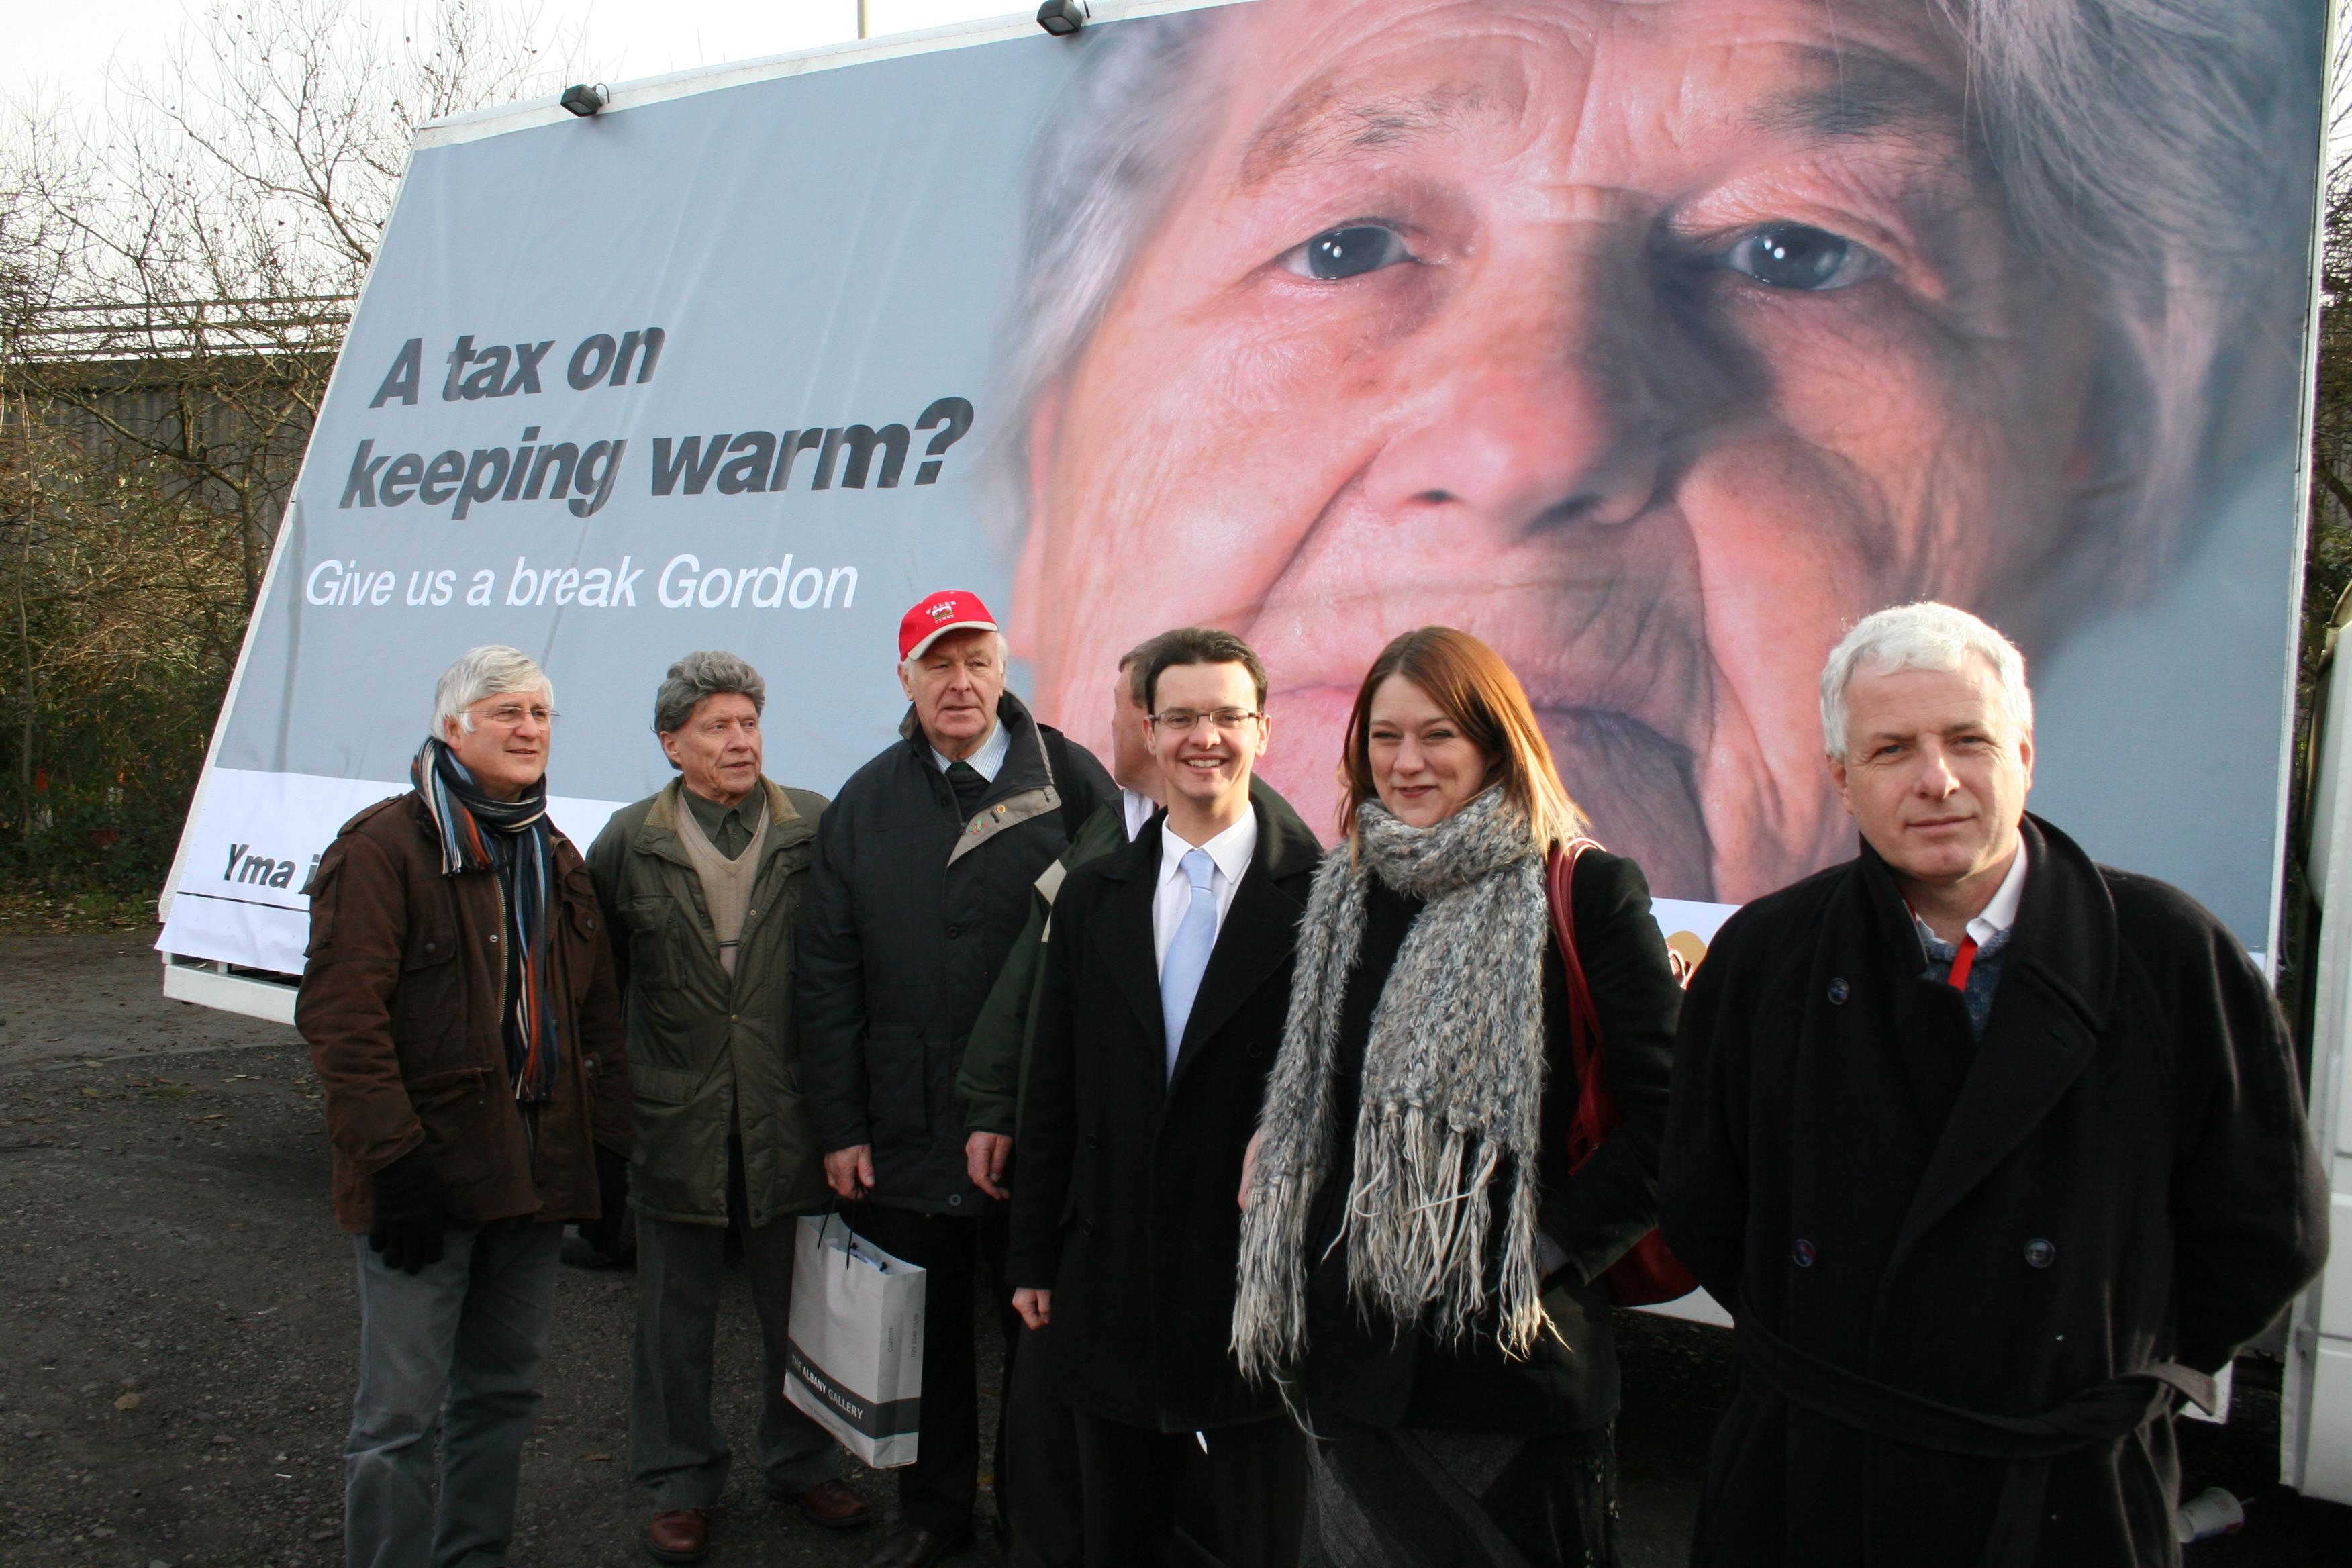 2008_VAT_winter_campaign-_pontypridd_(2).jpg